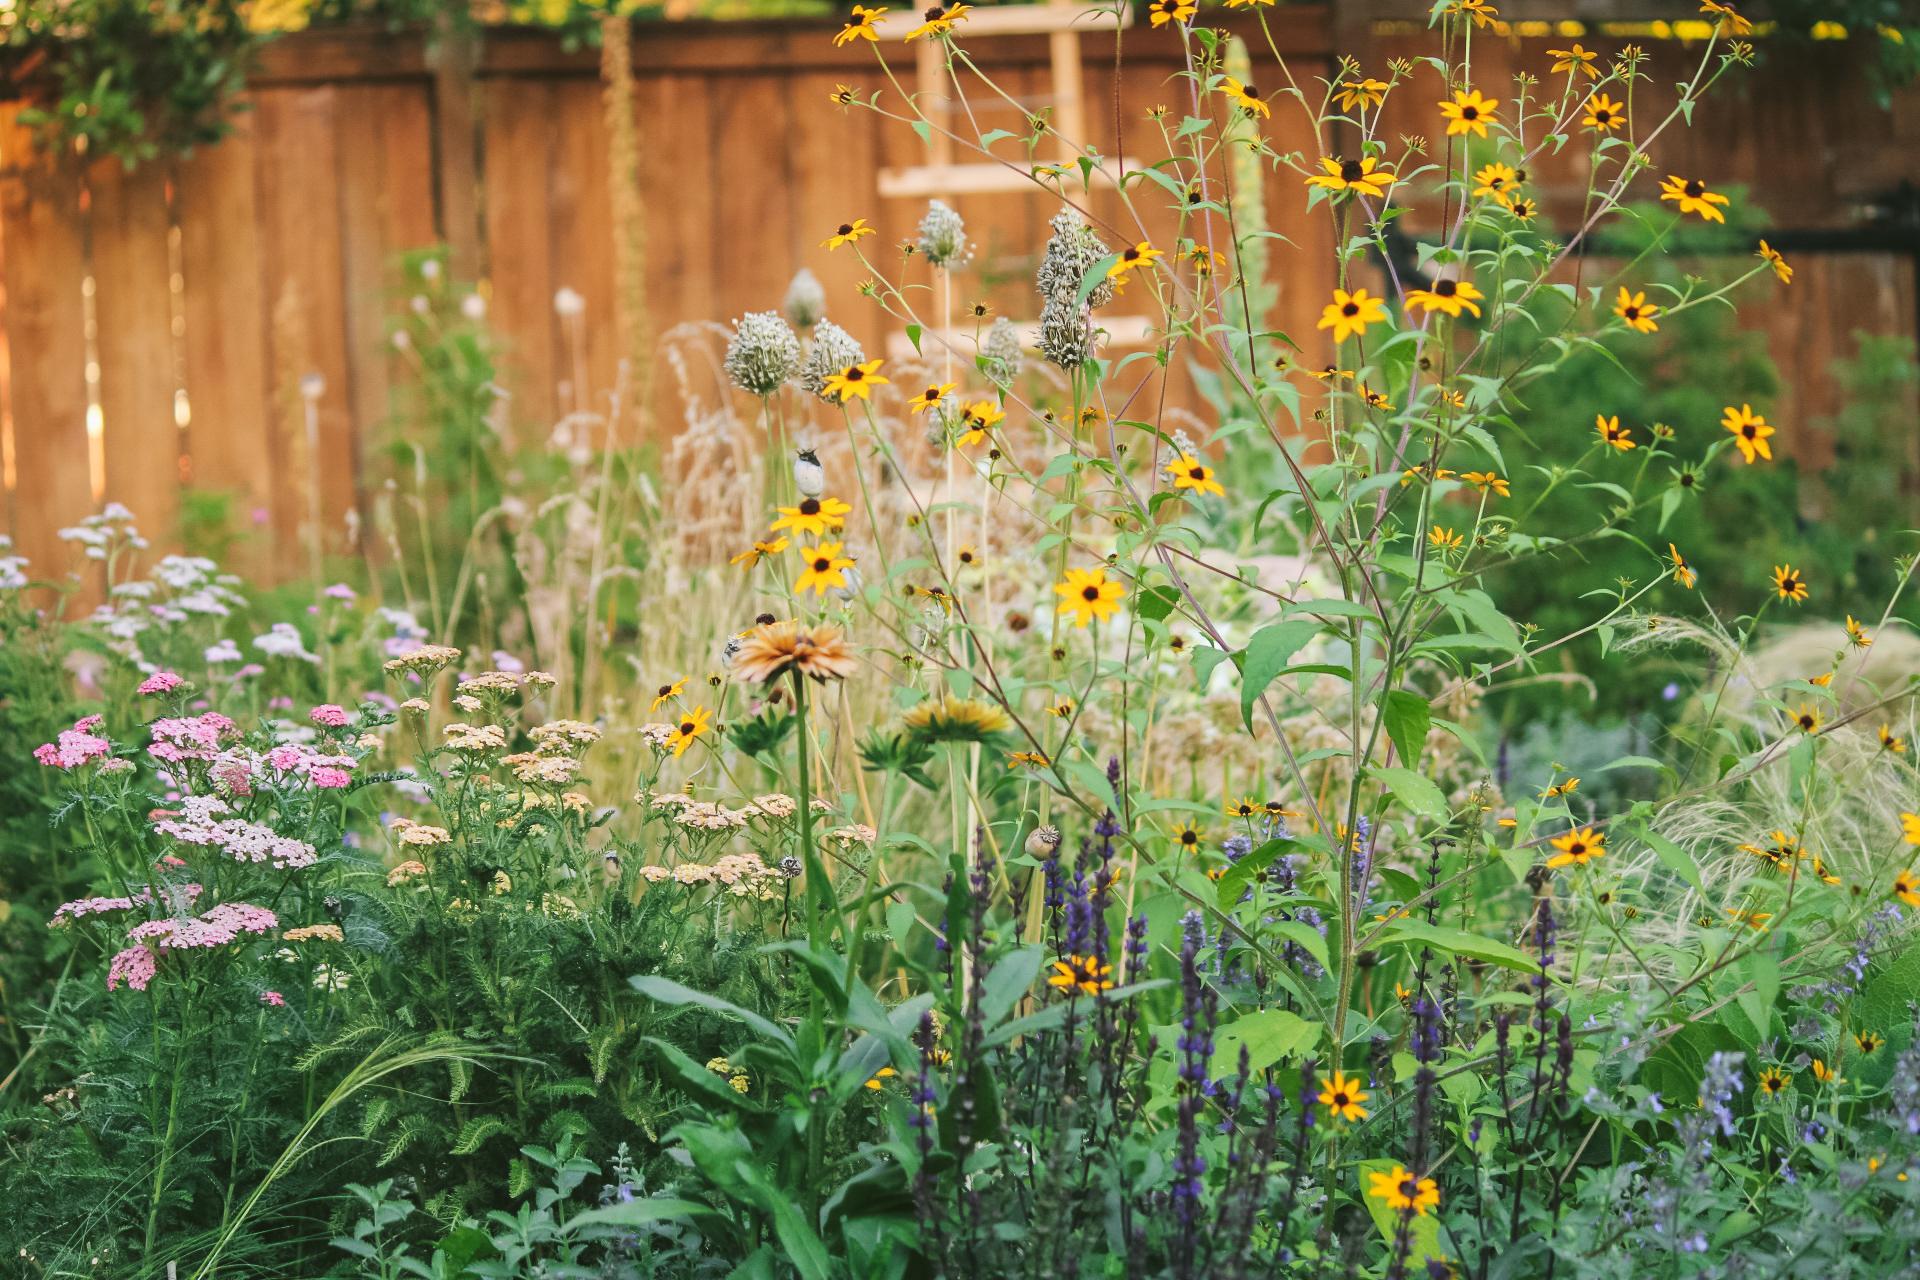 cottage garden full of flowers